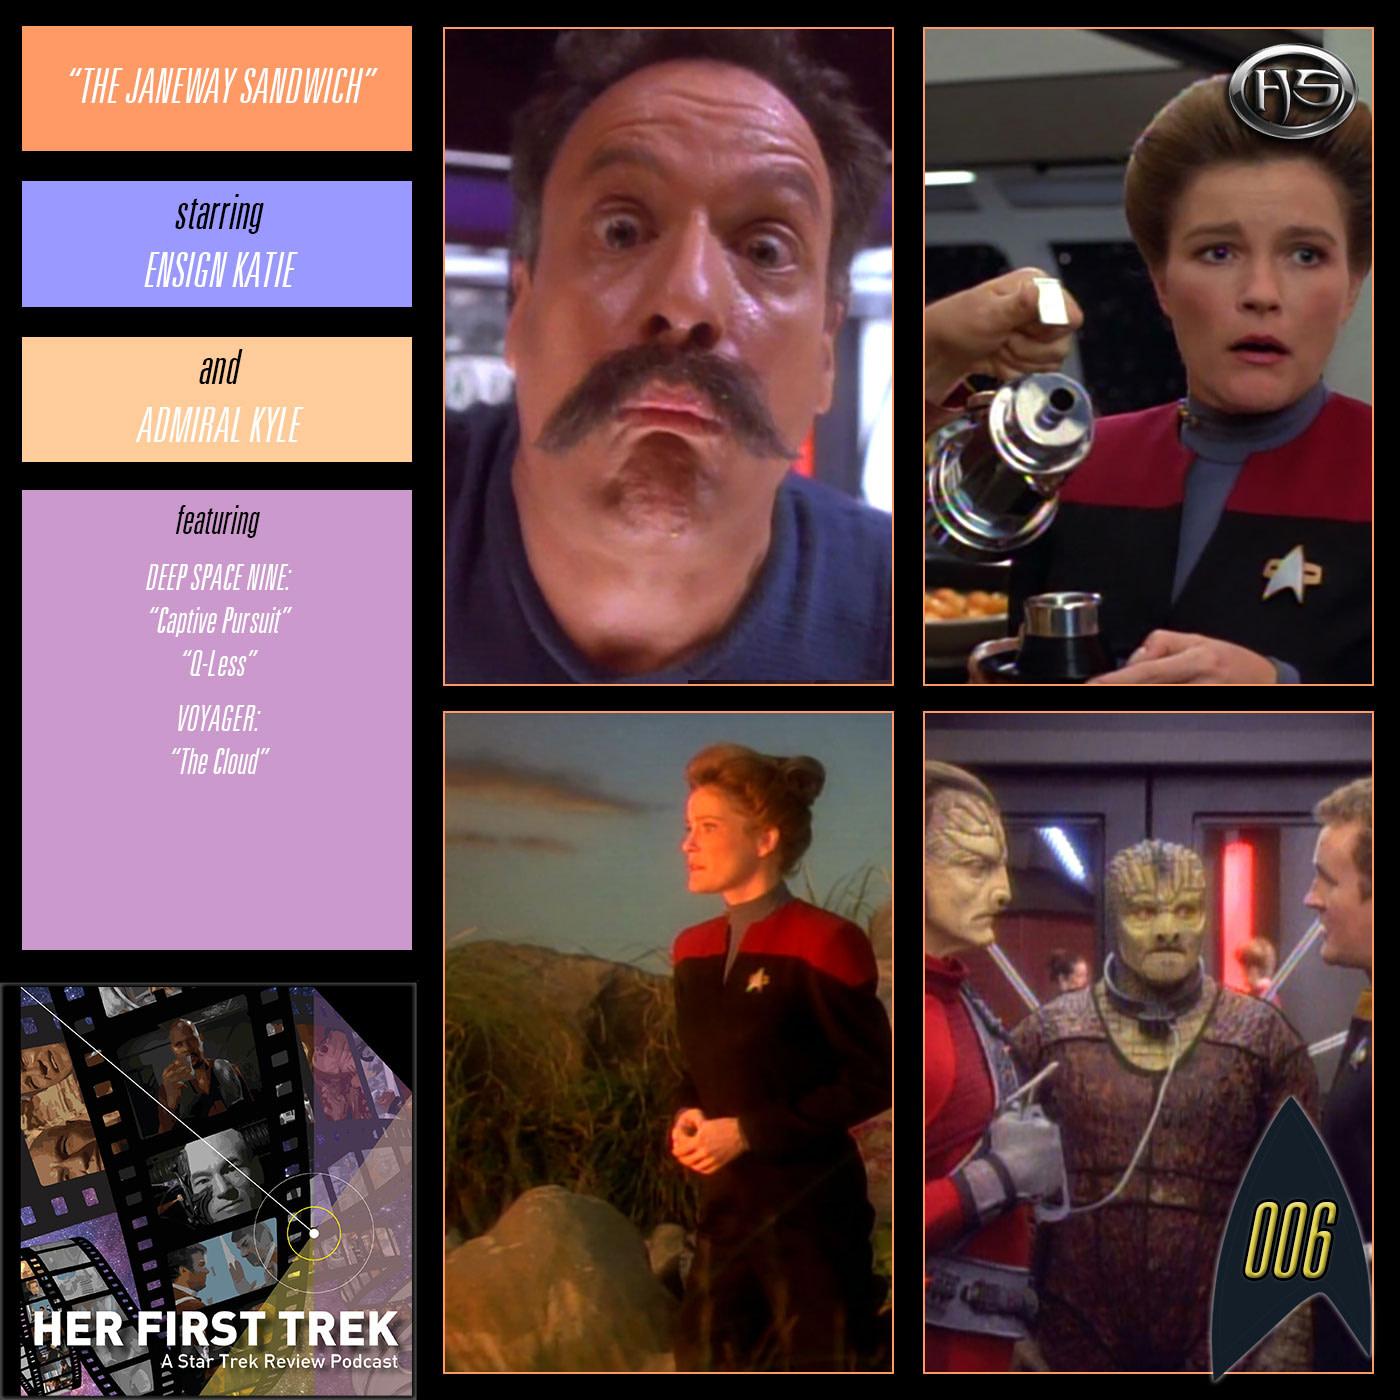 Her First Trek Episode 6